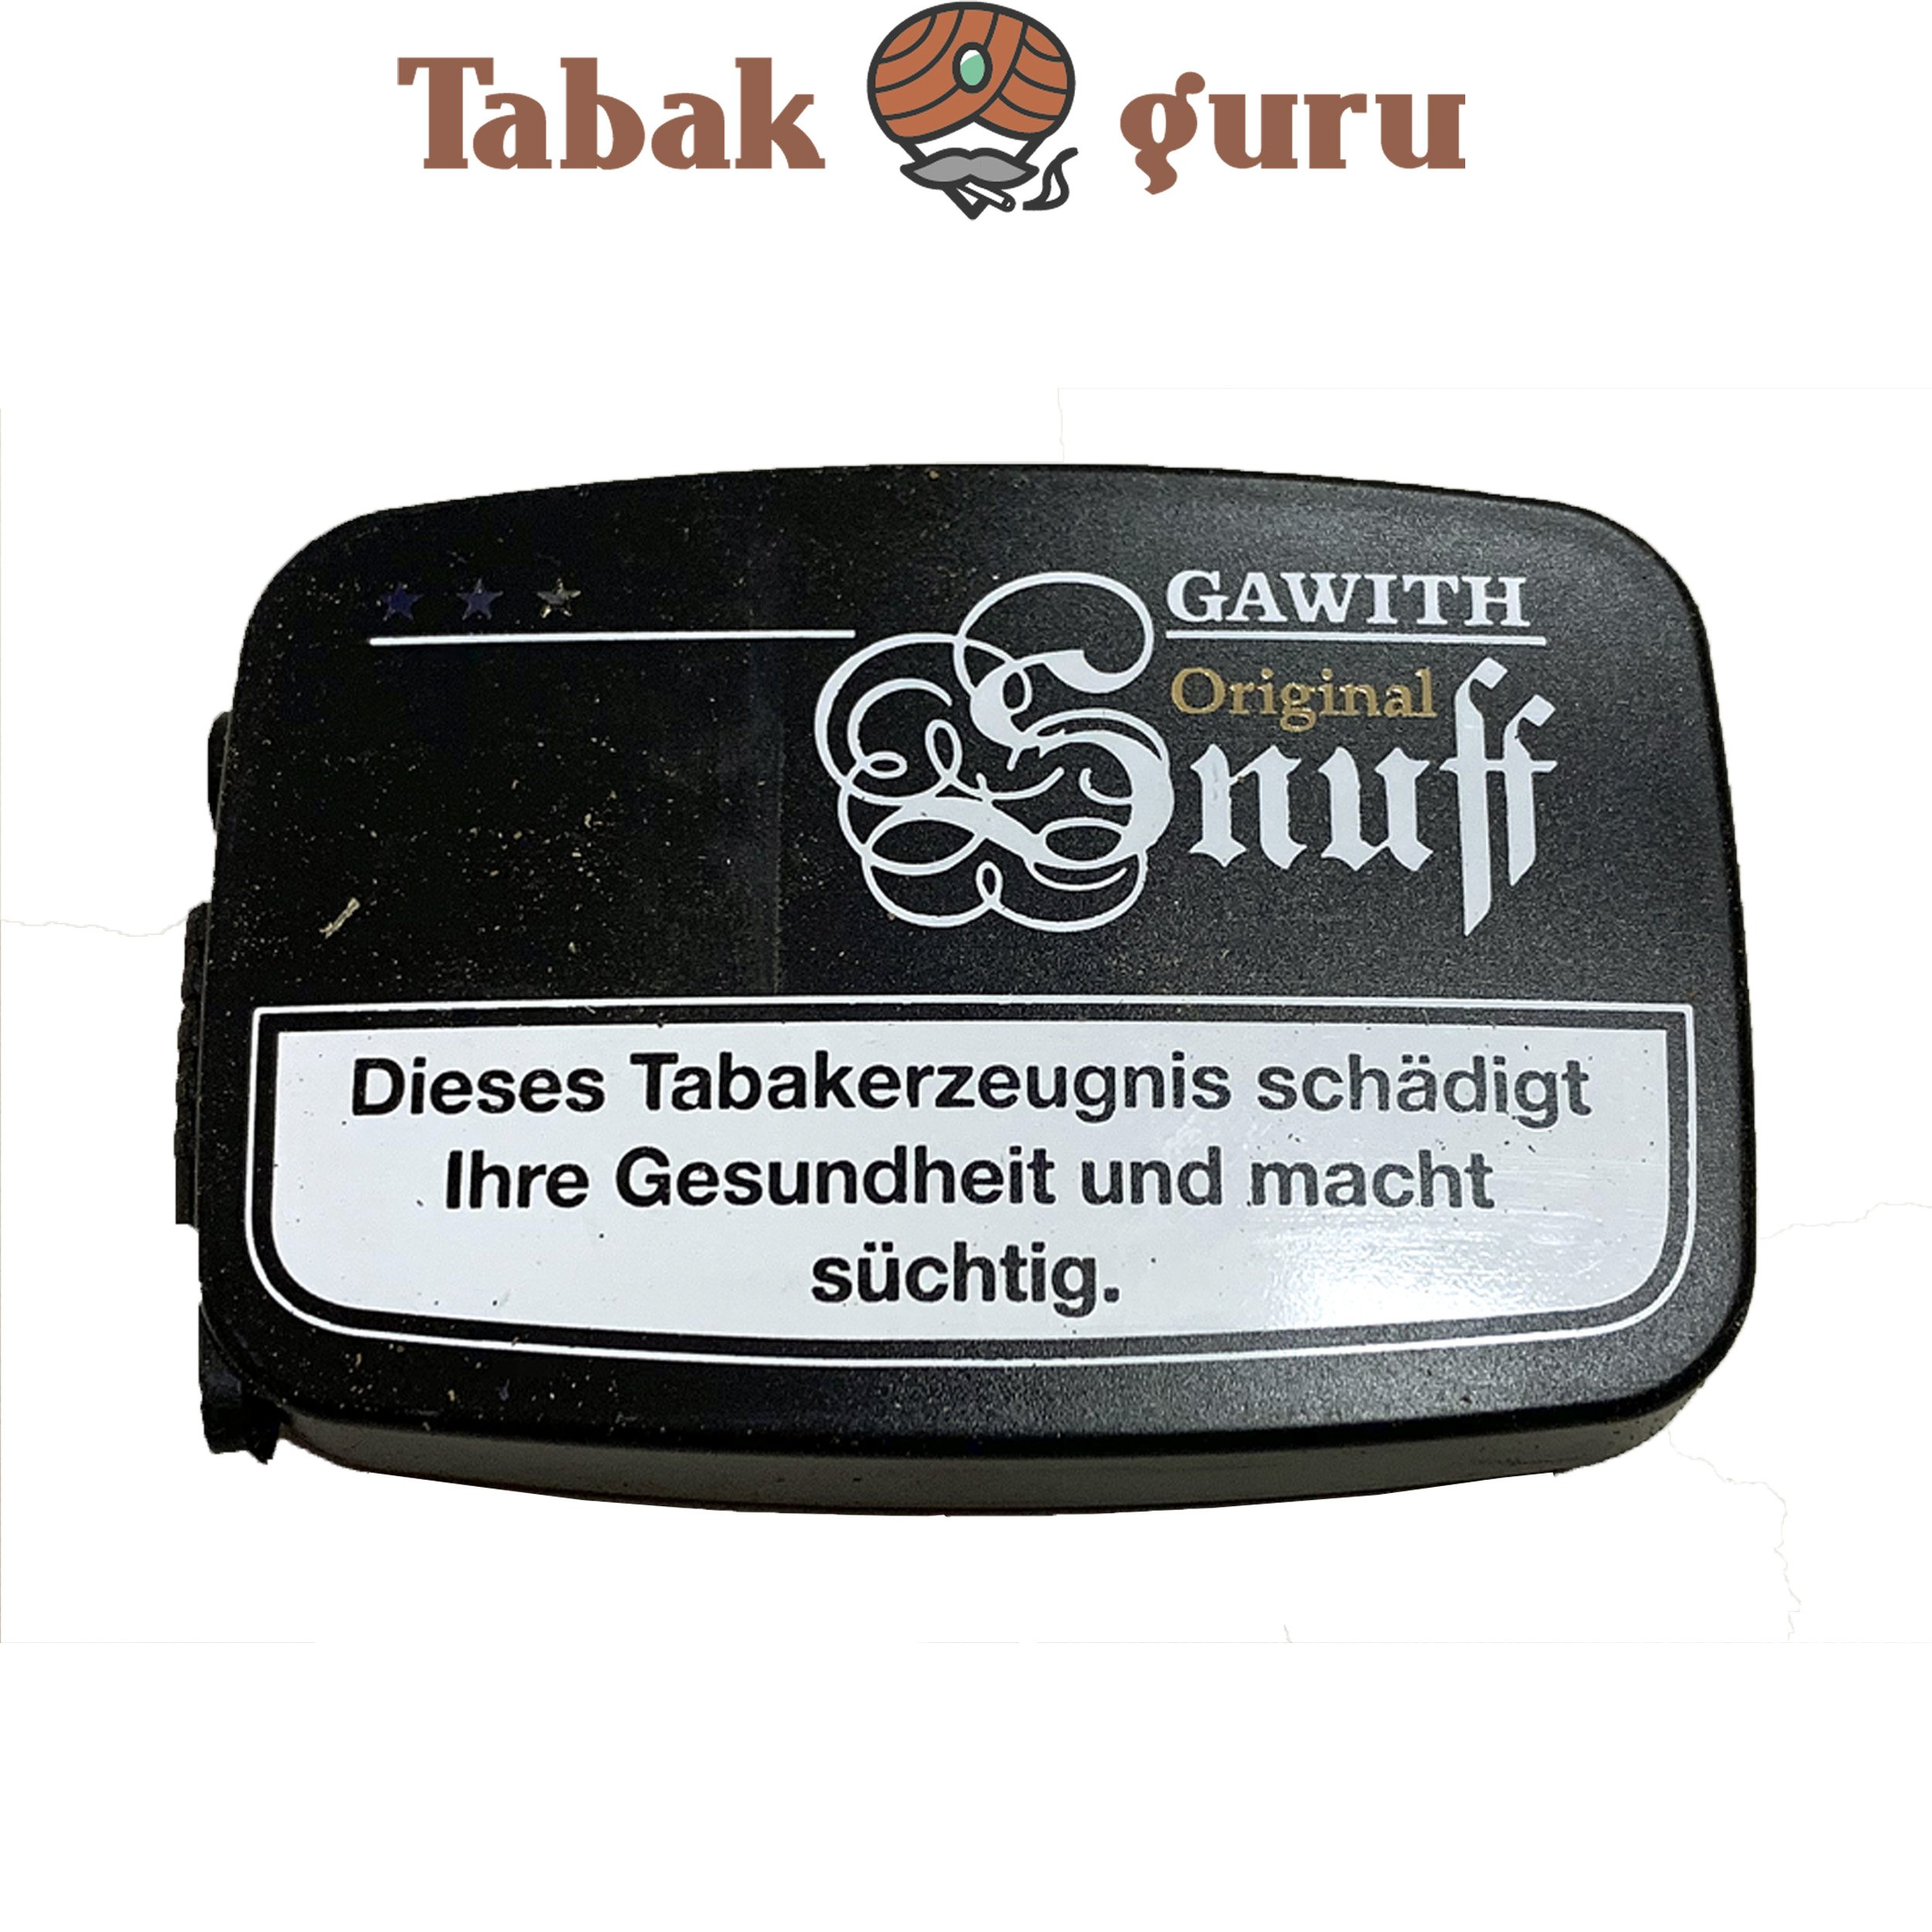 Gawith Original Snuff Schnupftabak Dose 10 g